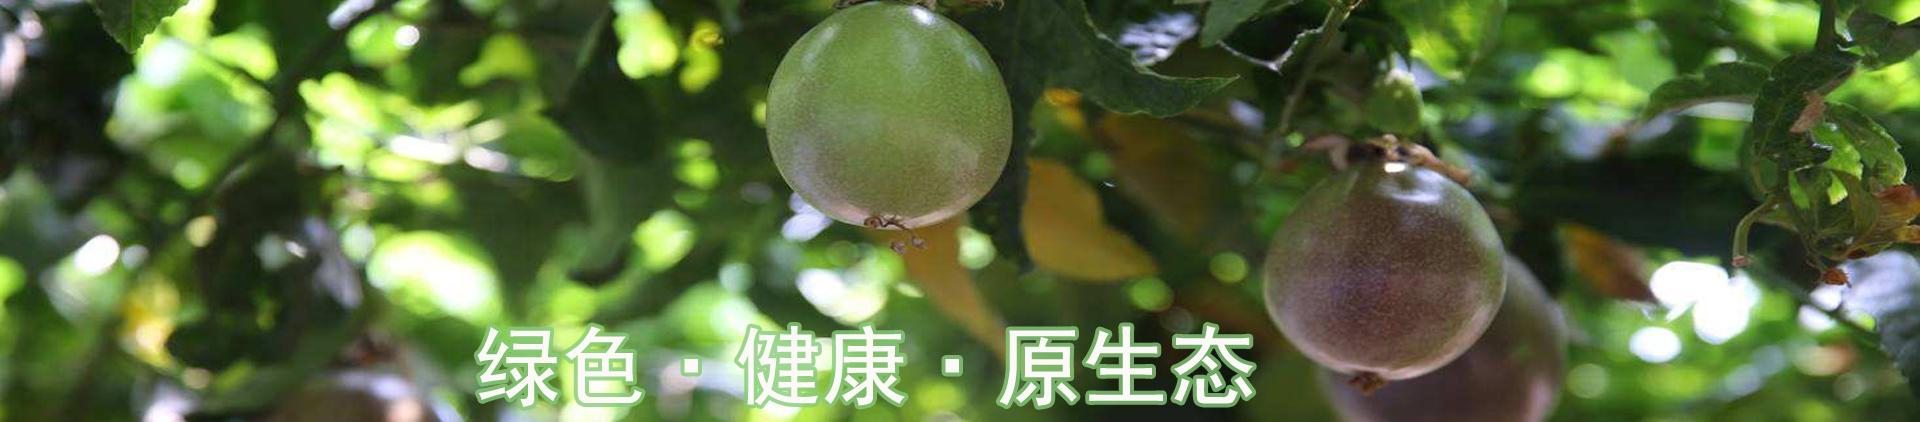 云南百香果种植